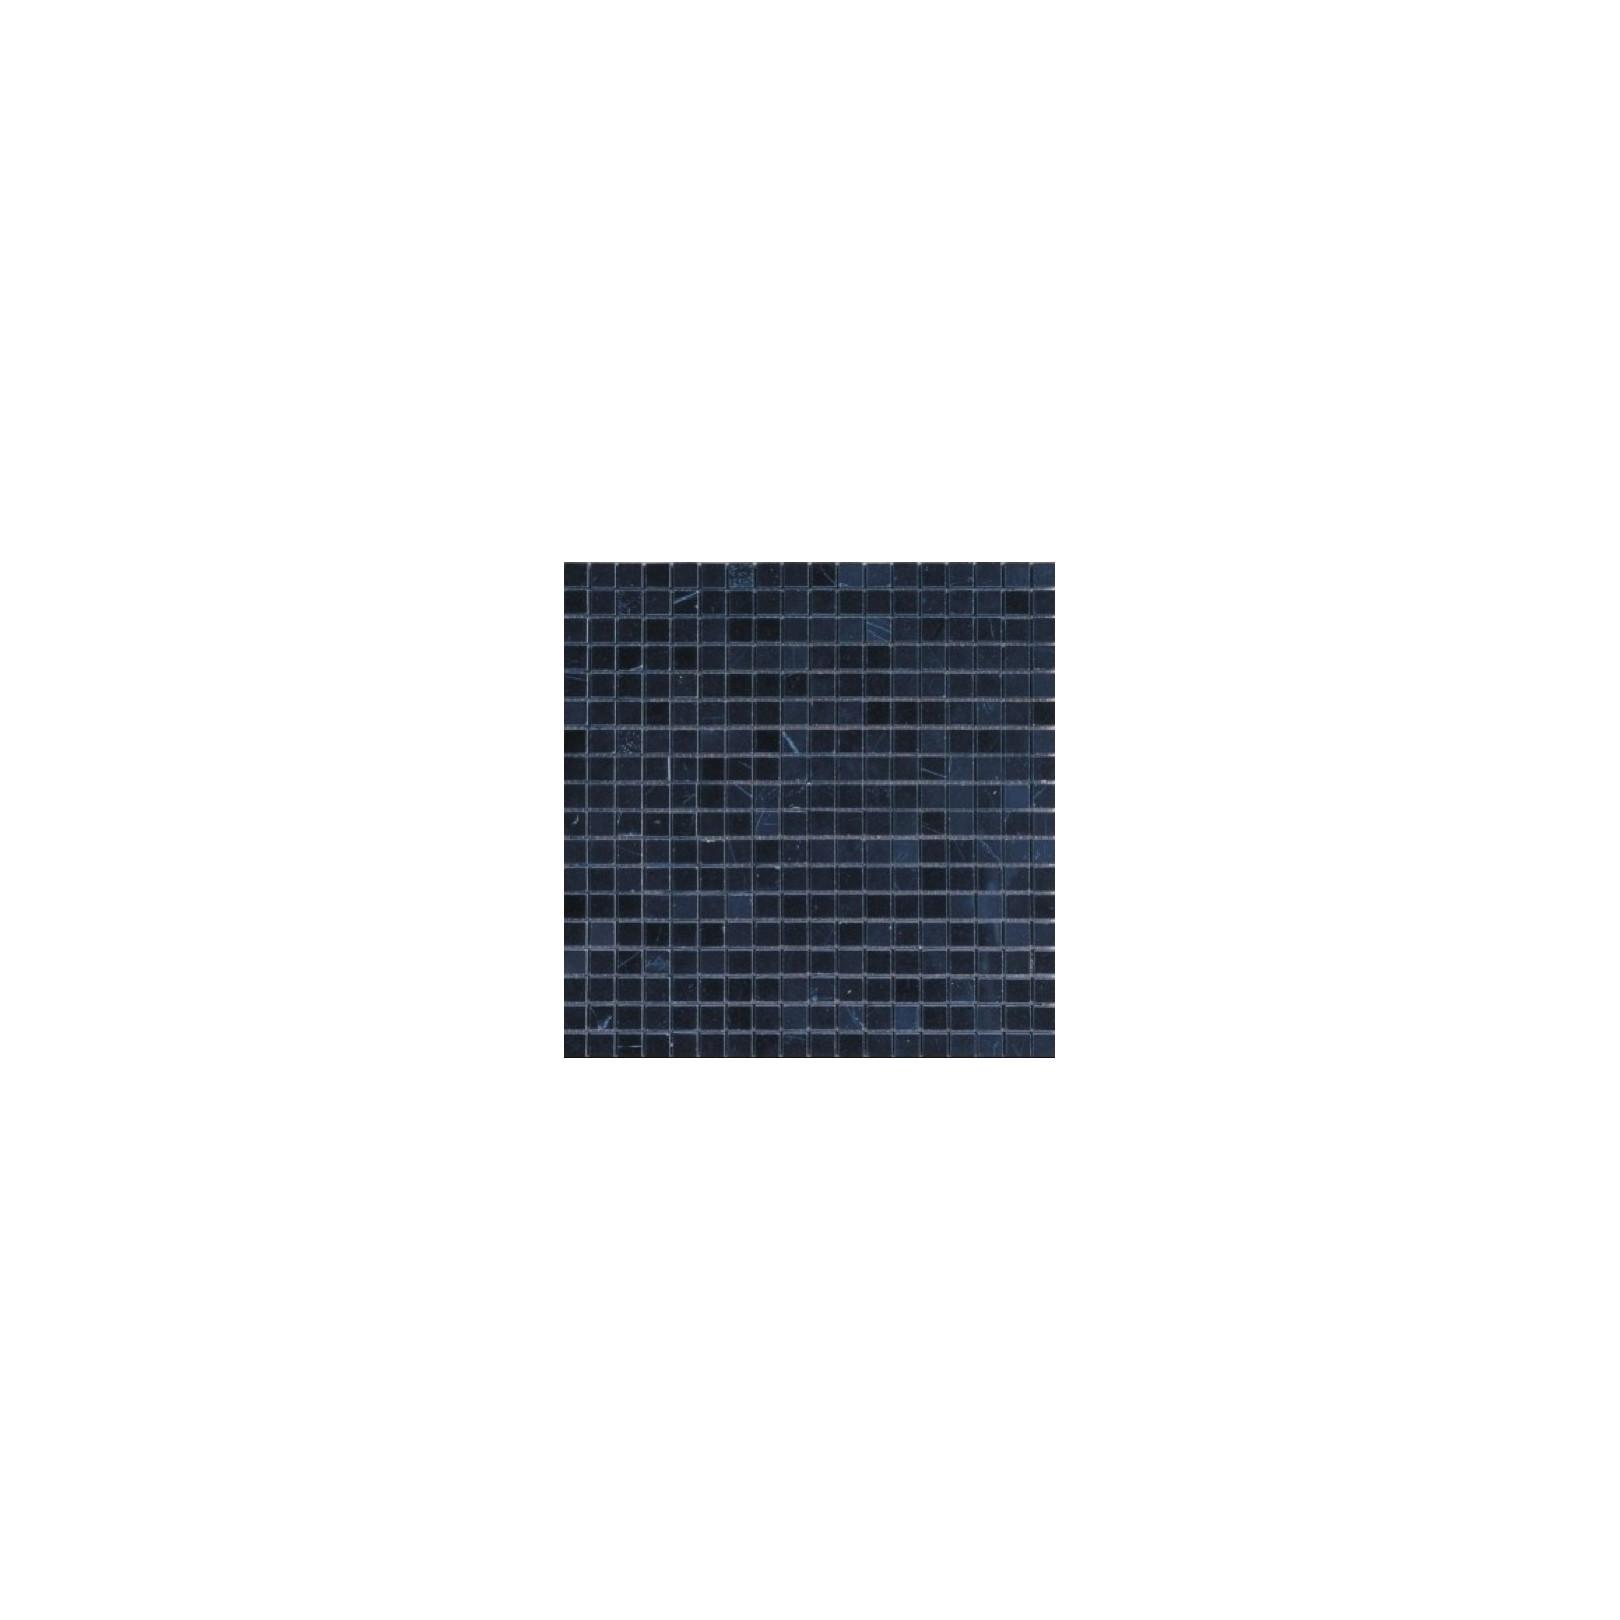 Mosaïque marbre Pure Black, 1,5x1,5cm sur trame 29,6x29,6cm